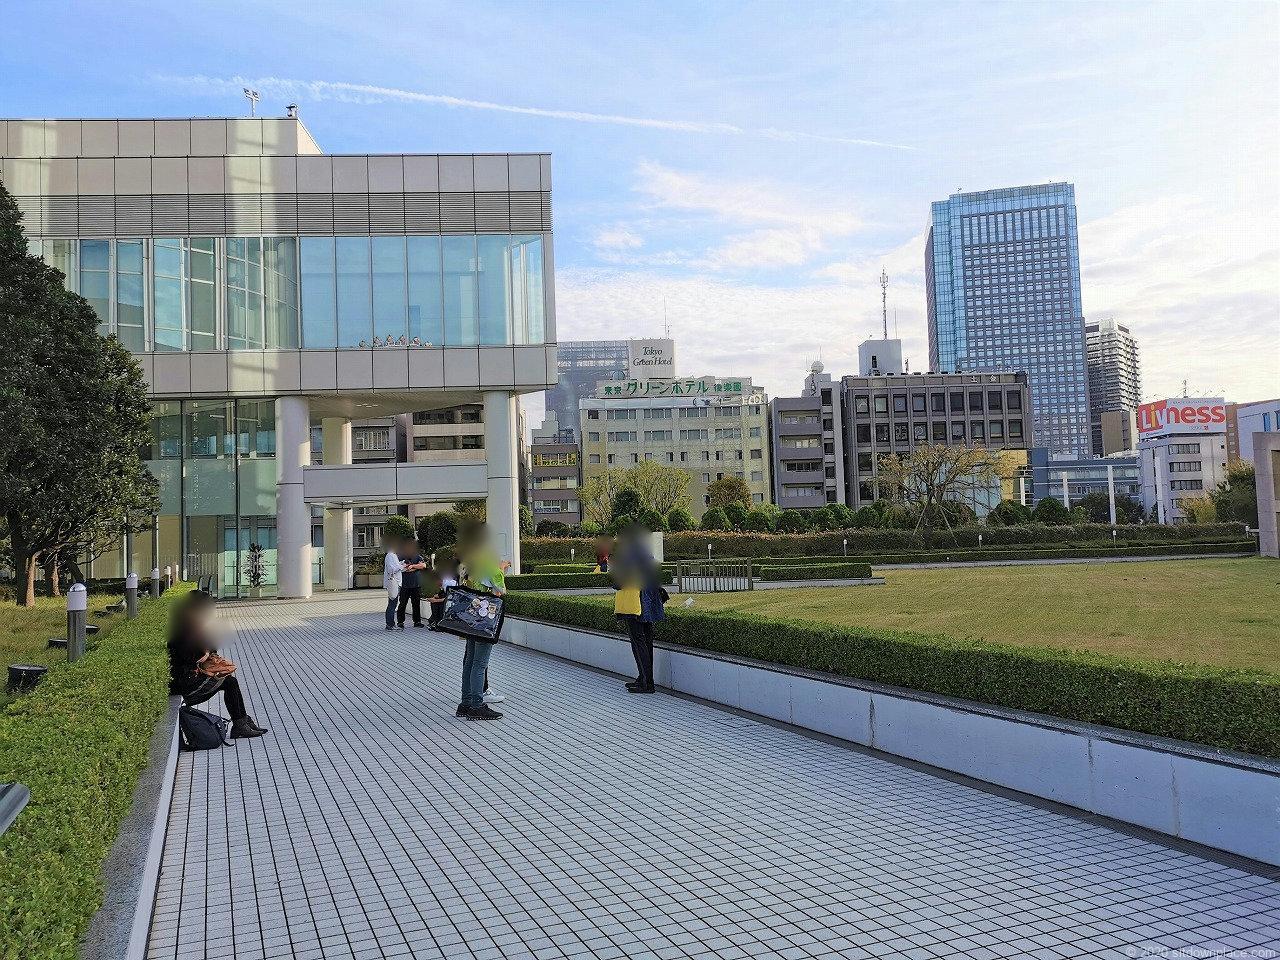 水道橋駅 東京ドームホテル周辺の休憩場所